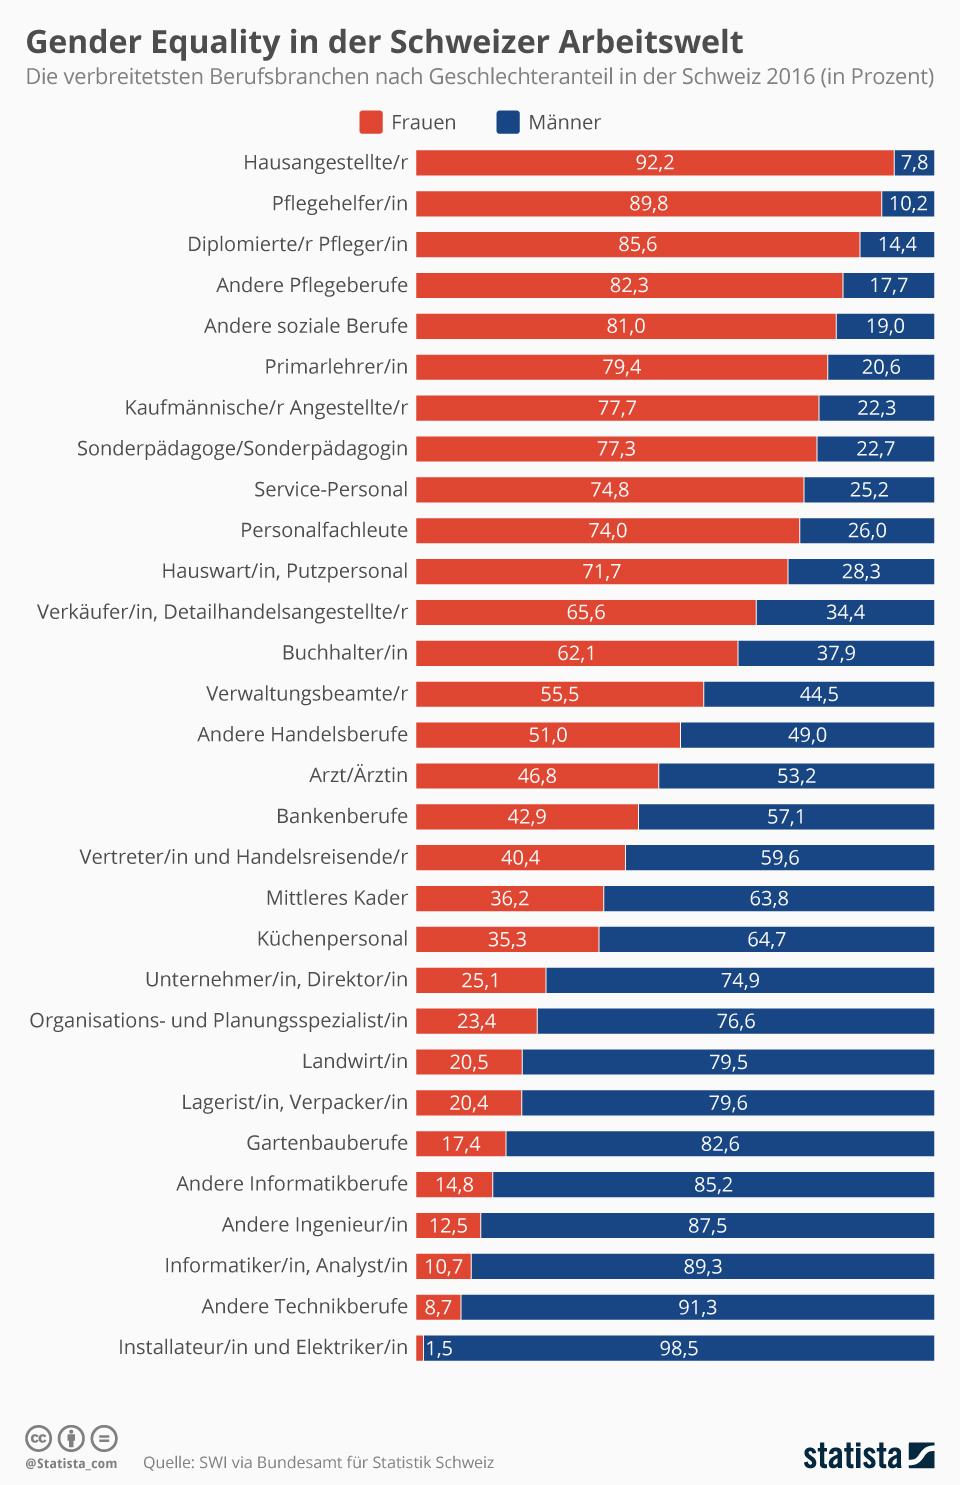 Infografik: Gender Equality in der Schweizer Arbeitswelt | Statista